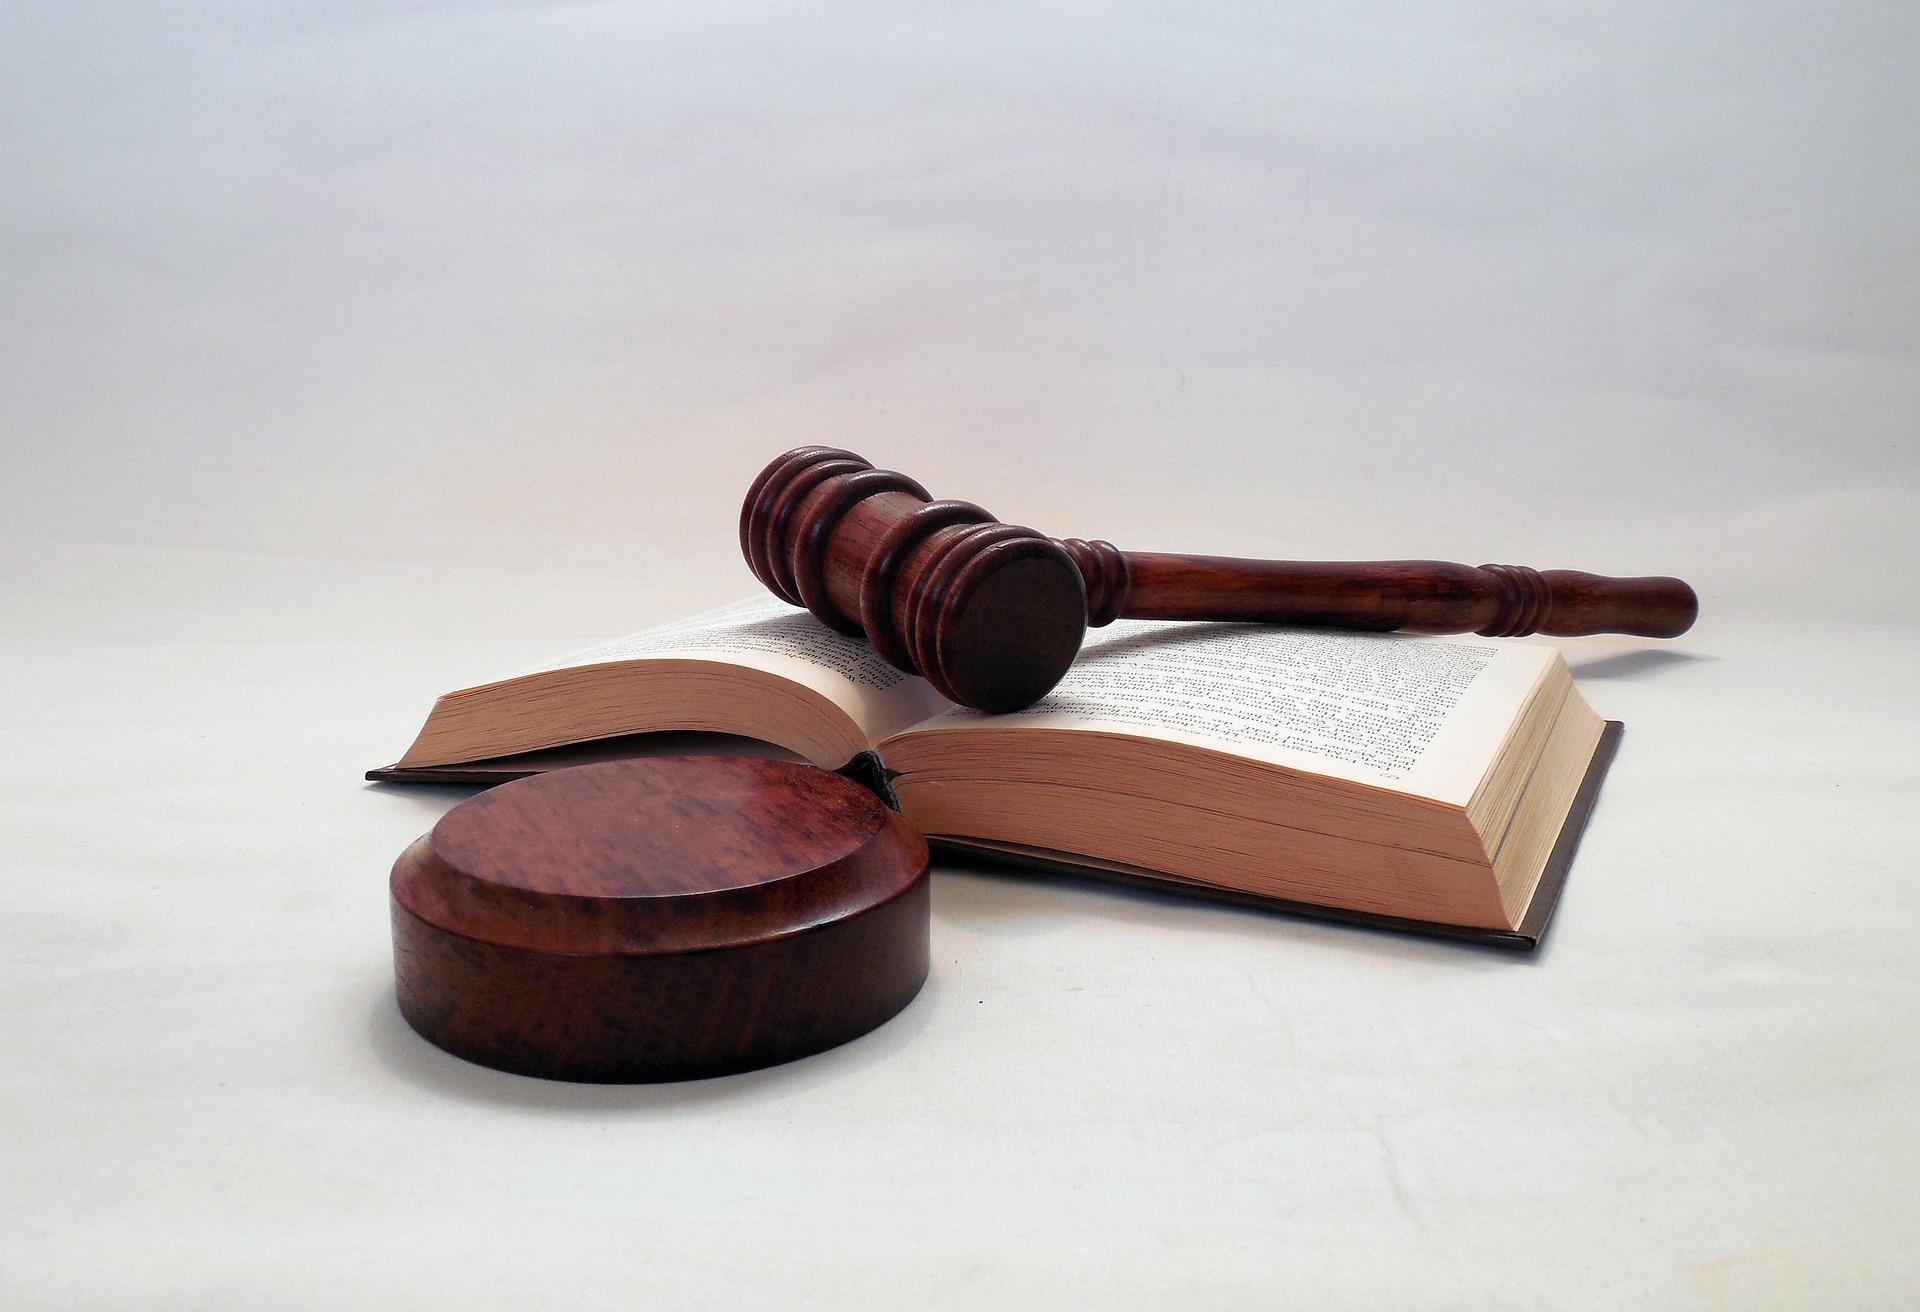 sprawa sądowa, młotek sądowy